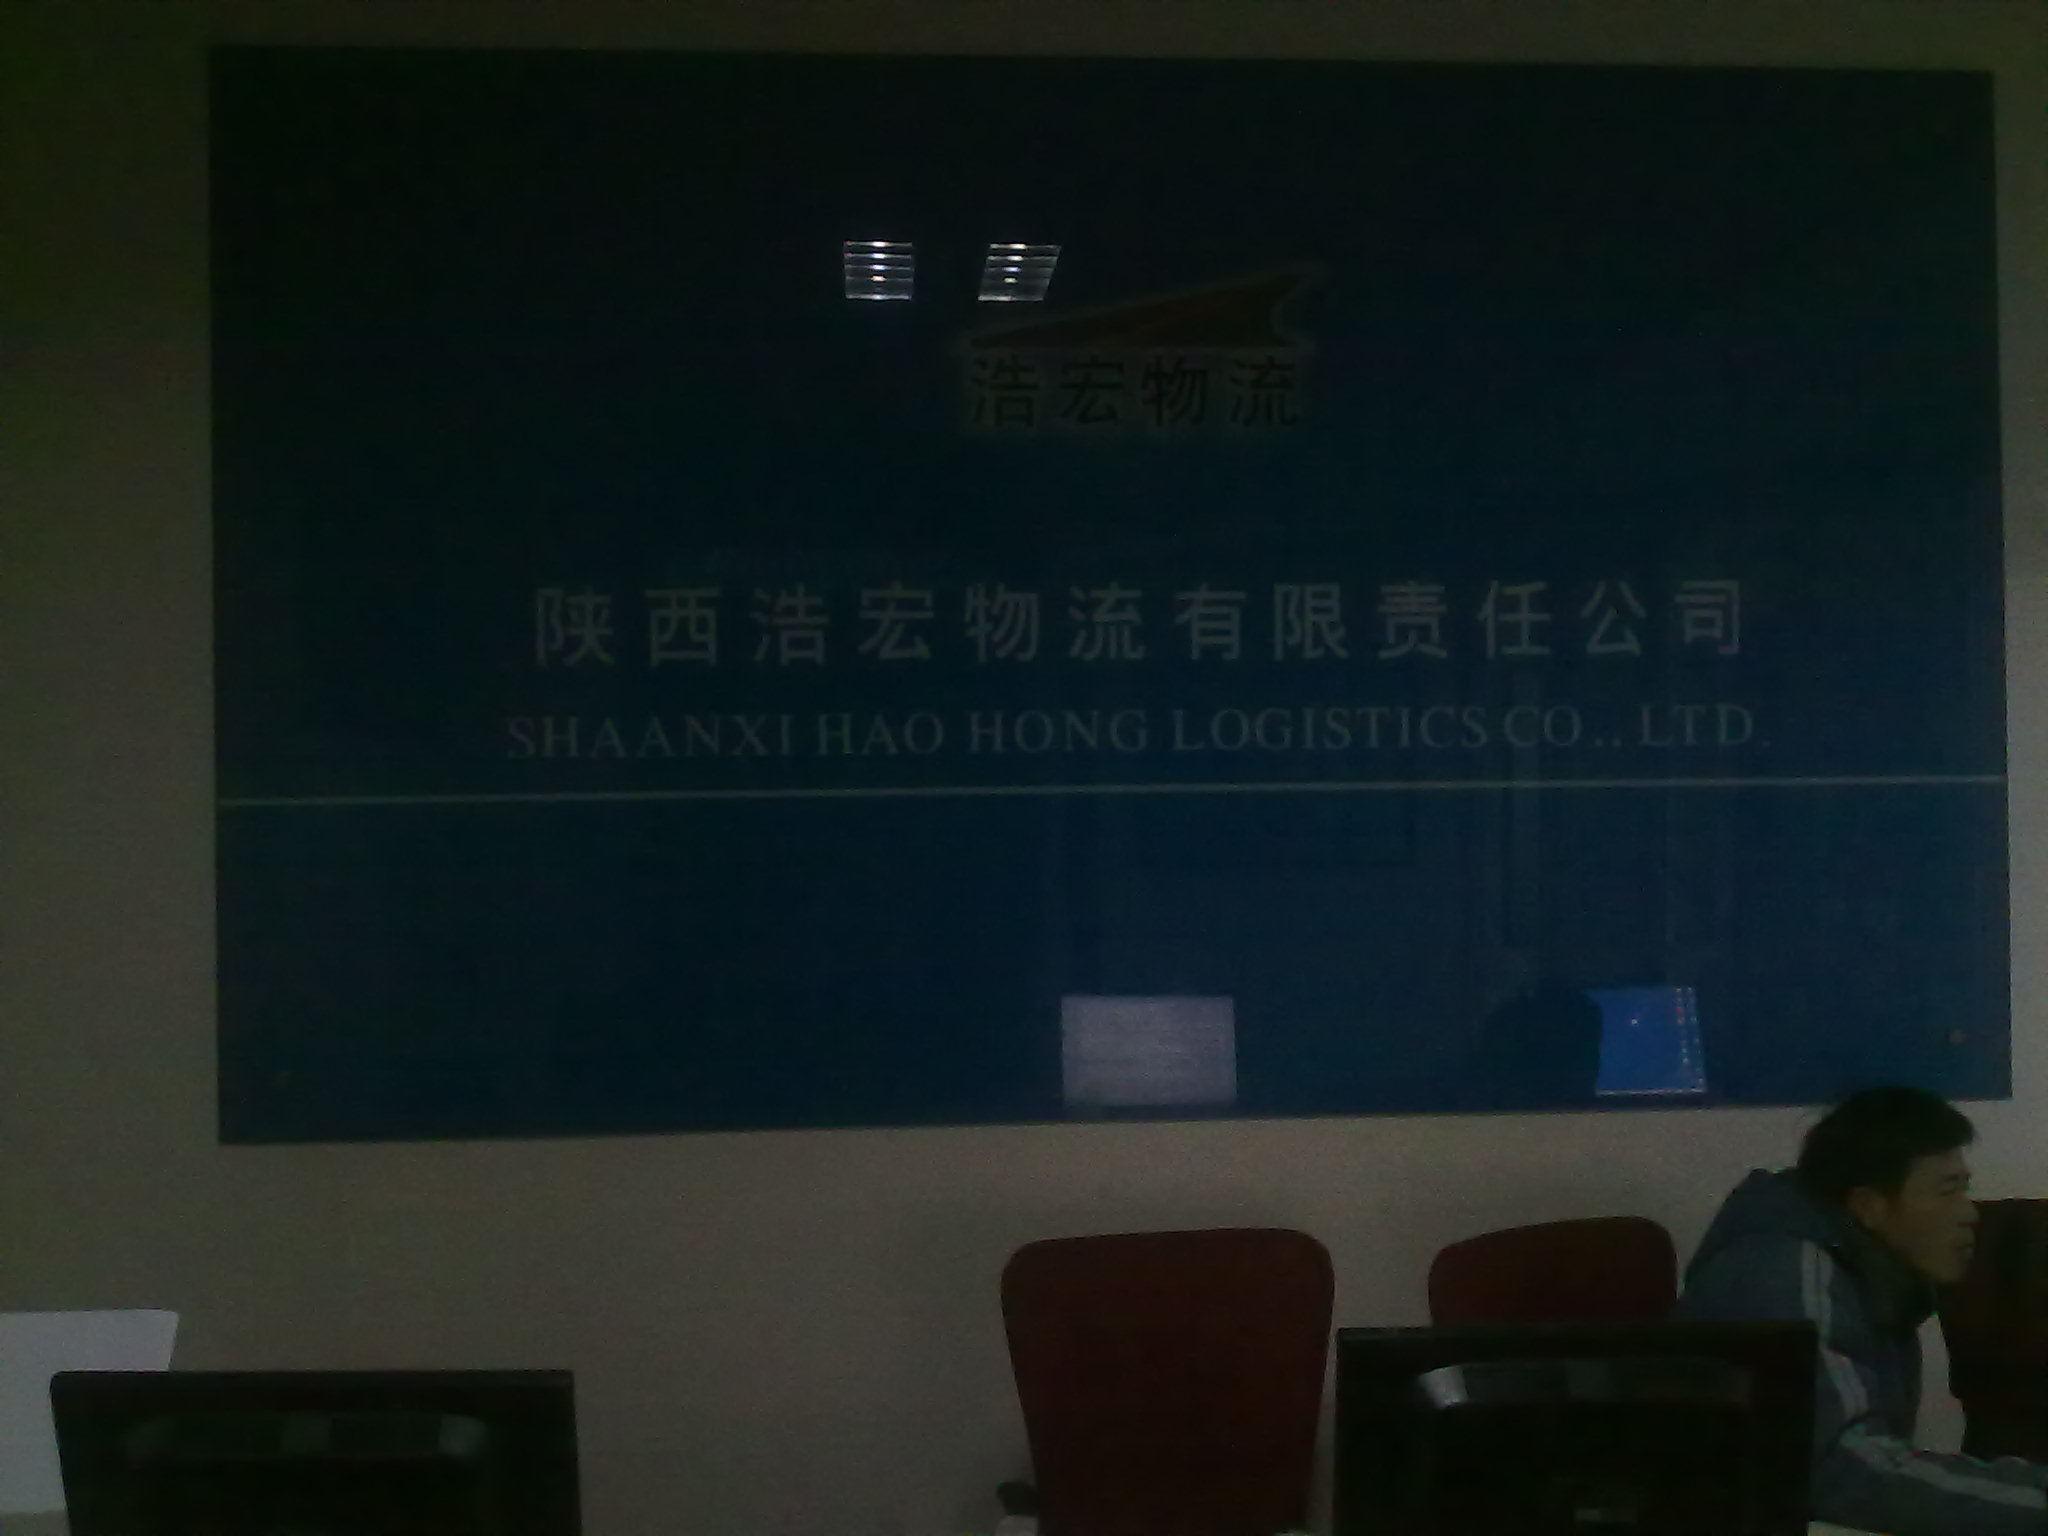 西安到天津物流专线(西安小海货运中心)